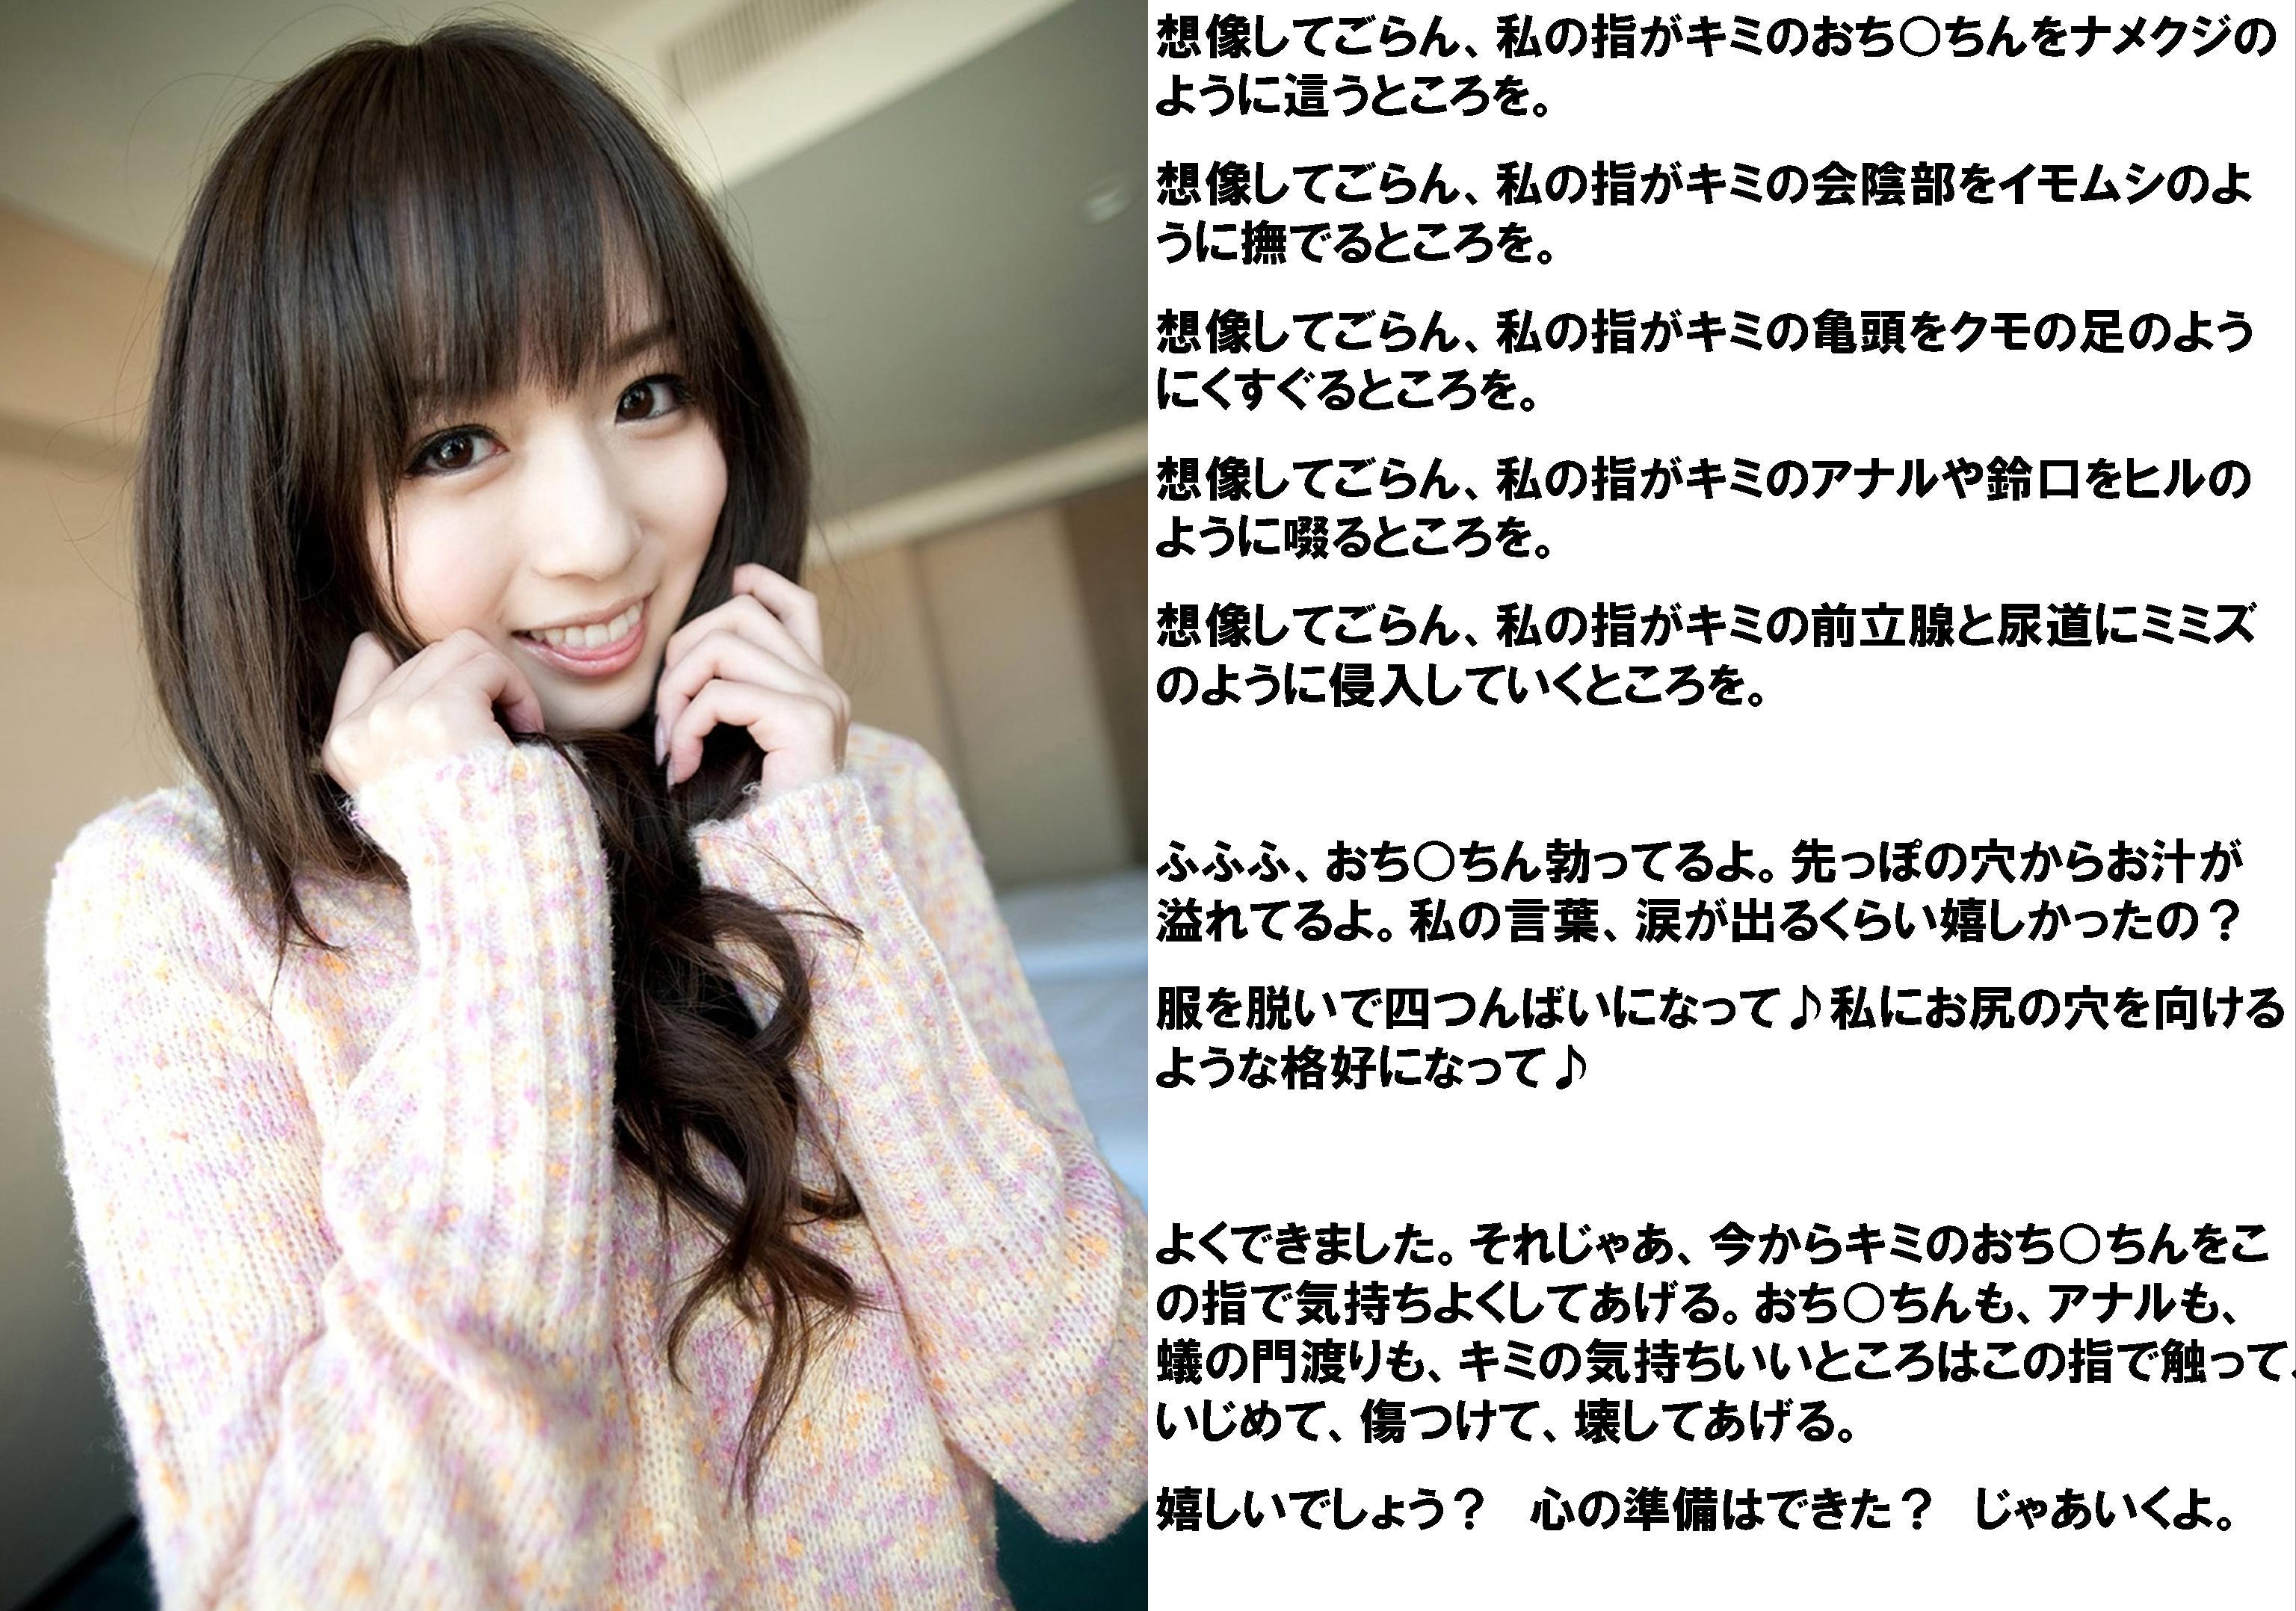 yuu_asakura_1.jpg